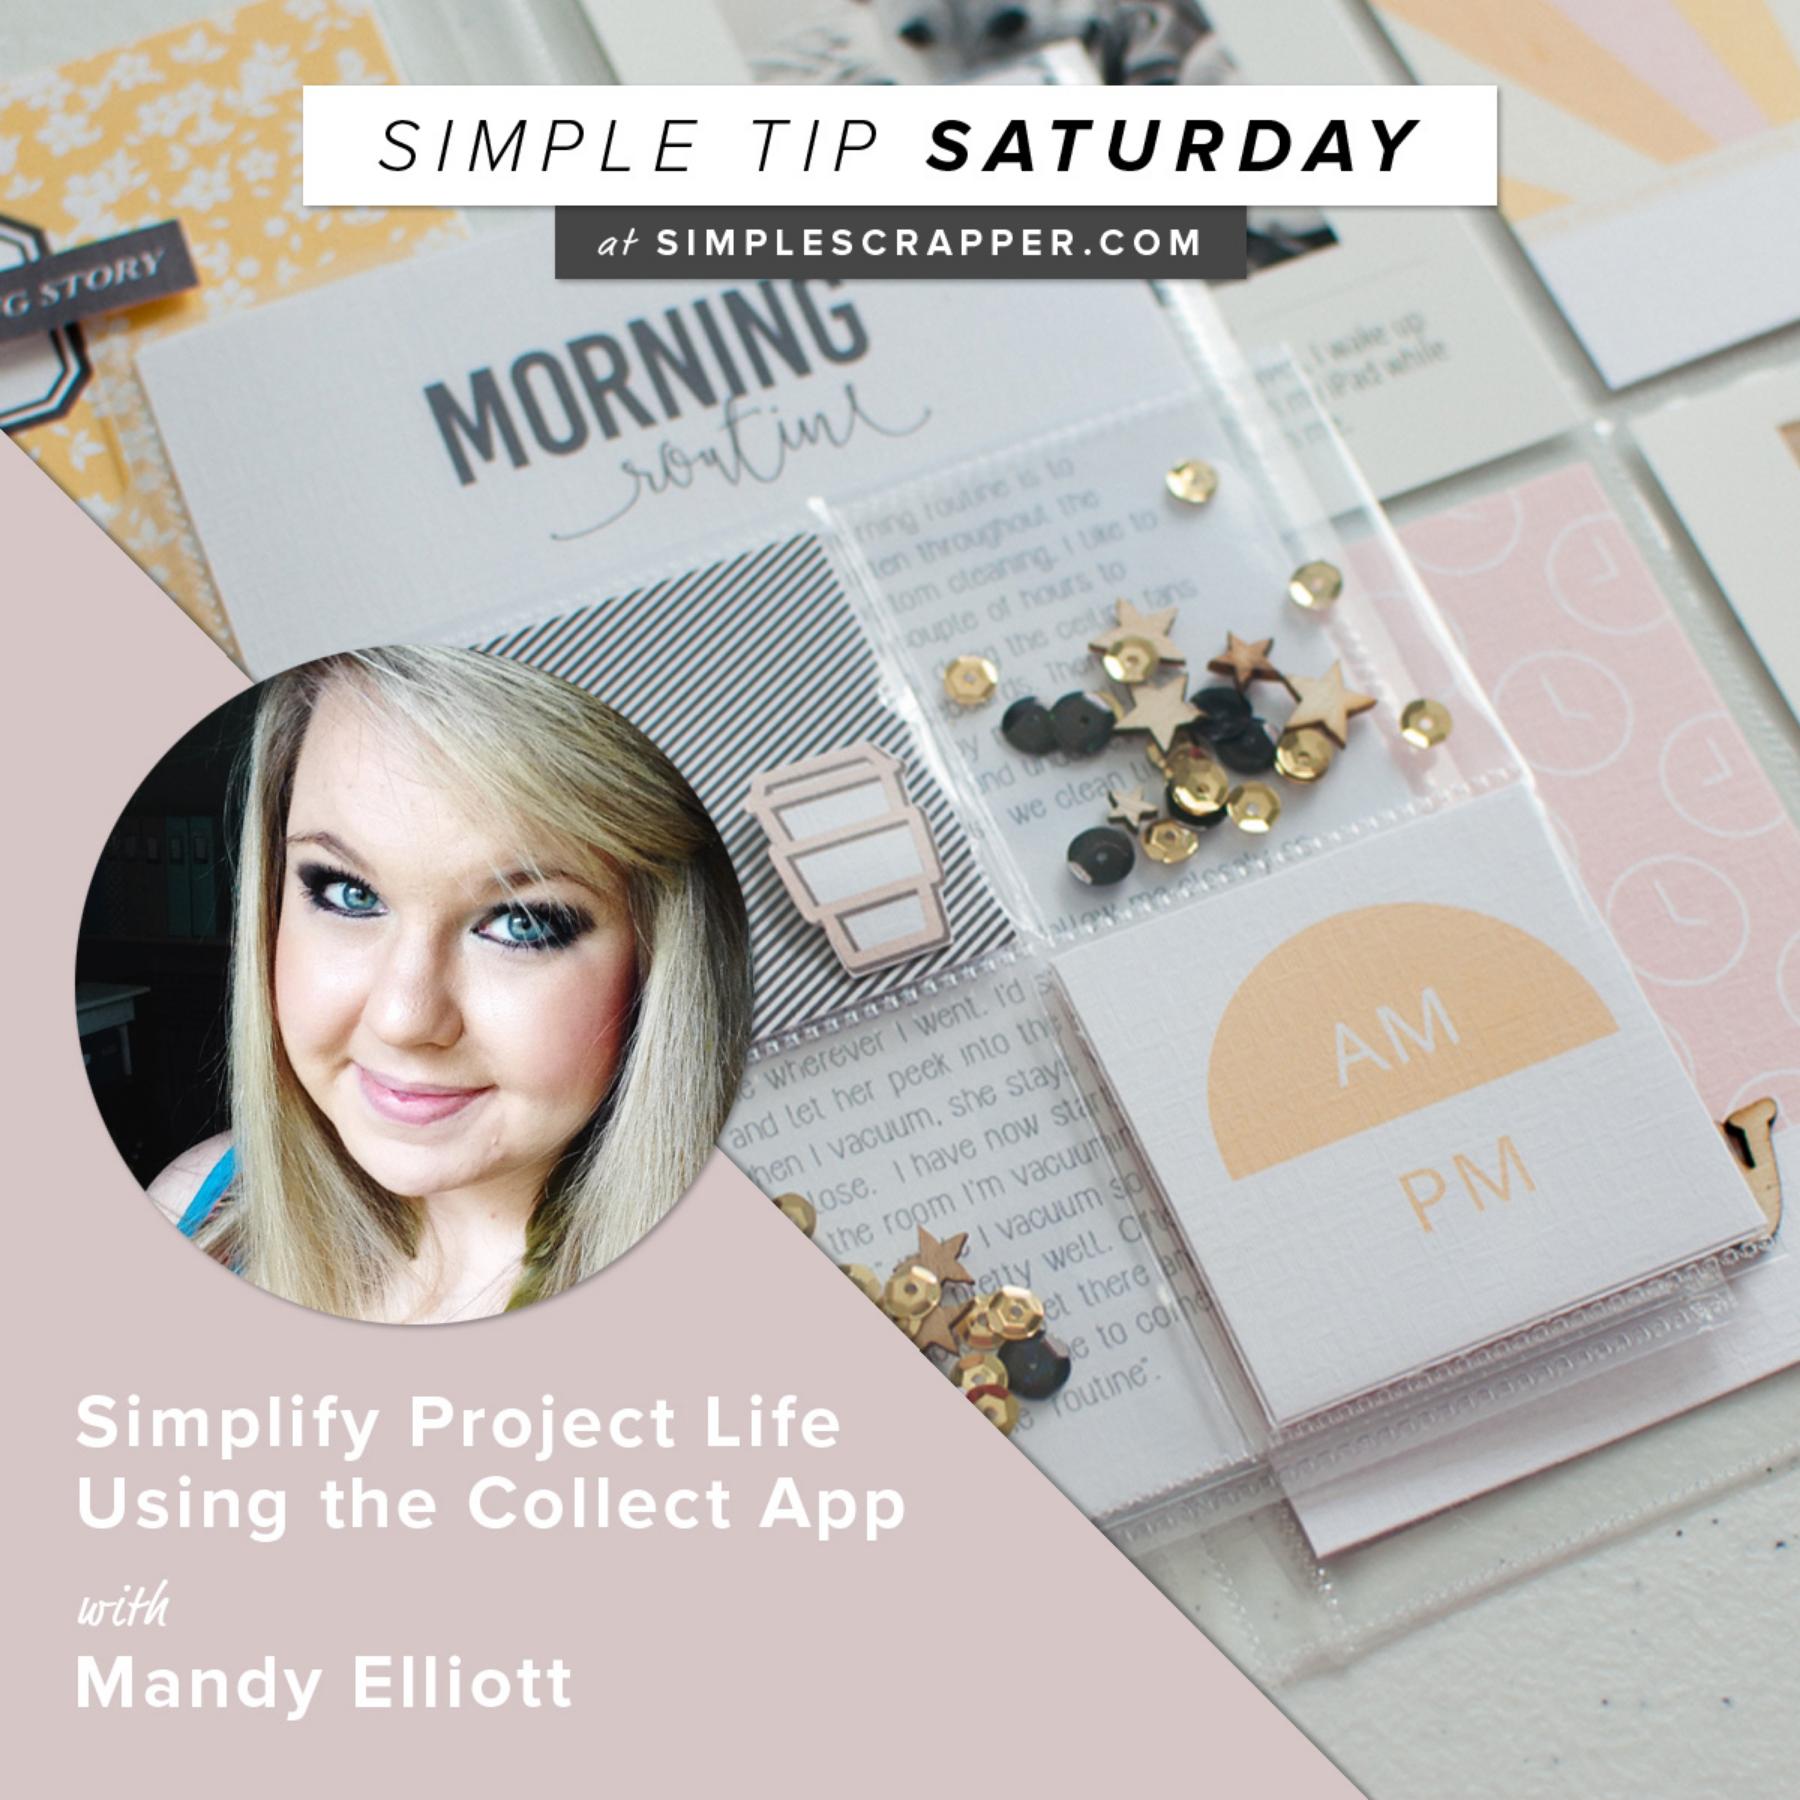 Guest Blogger on SimpleScrapper.com